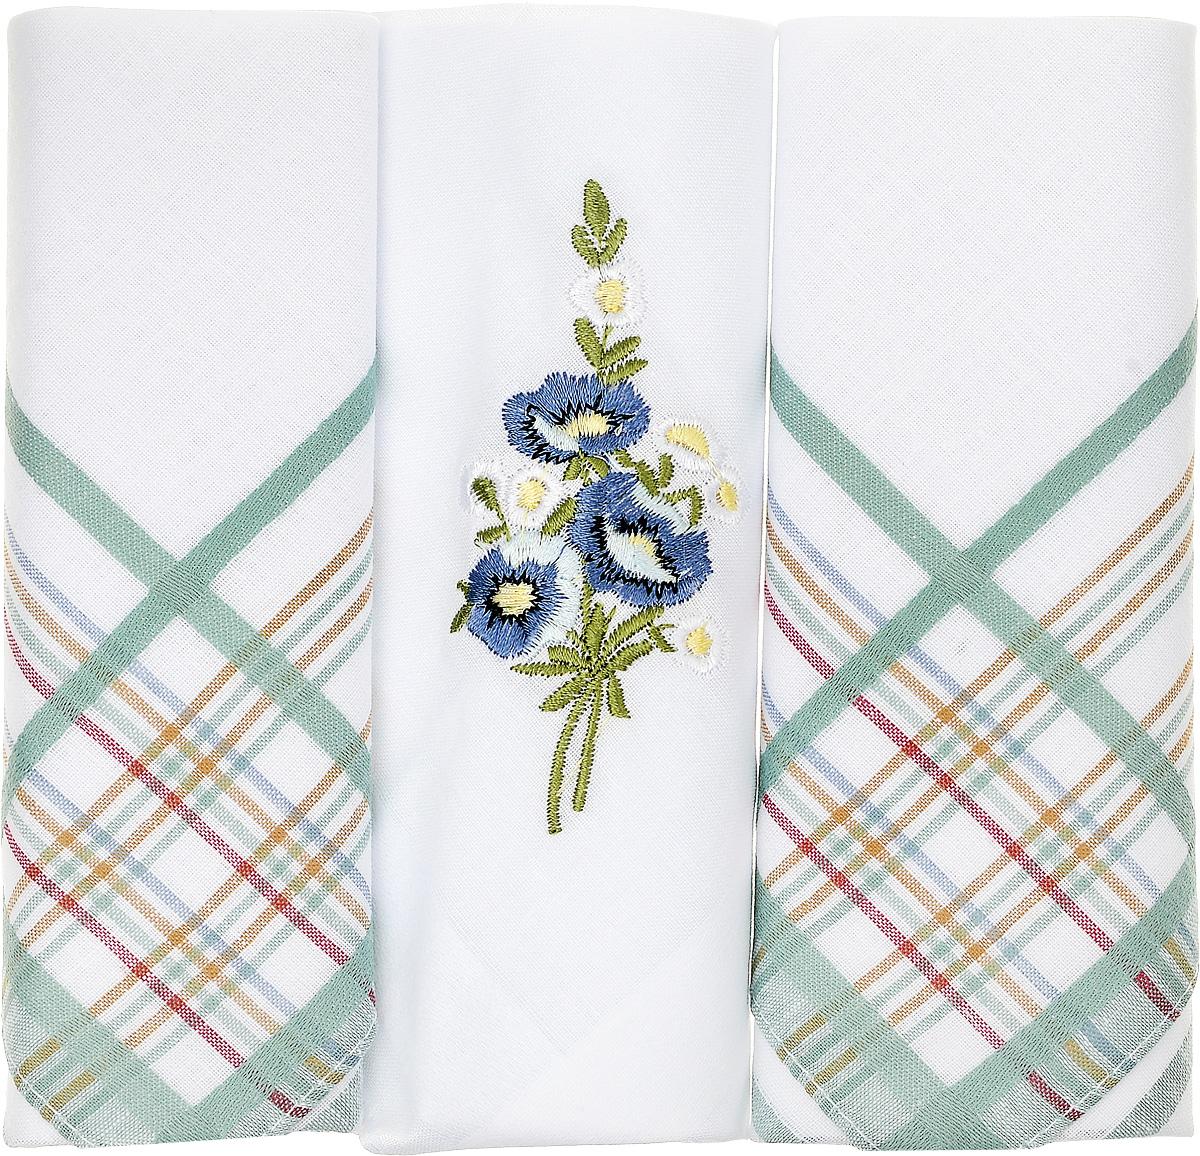 Платок носовой женский Zlata Korunka, цвет: белый, зеленый, 3 шт. 90329-52. Размер 29 см х 29 см90329-52Небольшой женский носовой платок Zlata Korunka изготовлен из высококачественного натурального хлопка, благодаря чему приятен в использовании, хорошо стирается, не садится и отлично впитывает влагу. Практичный и изящный носовой платок будет незаменим в повседневной жизни любого современного человека. Такой платок послужит стильным аксессуаром и подчеркнет ваше превосходное чувство вкуса. В комплекте 3 платка.